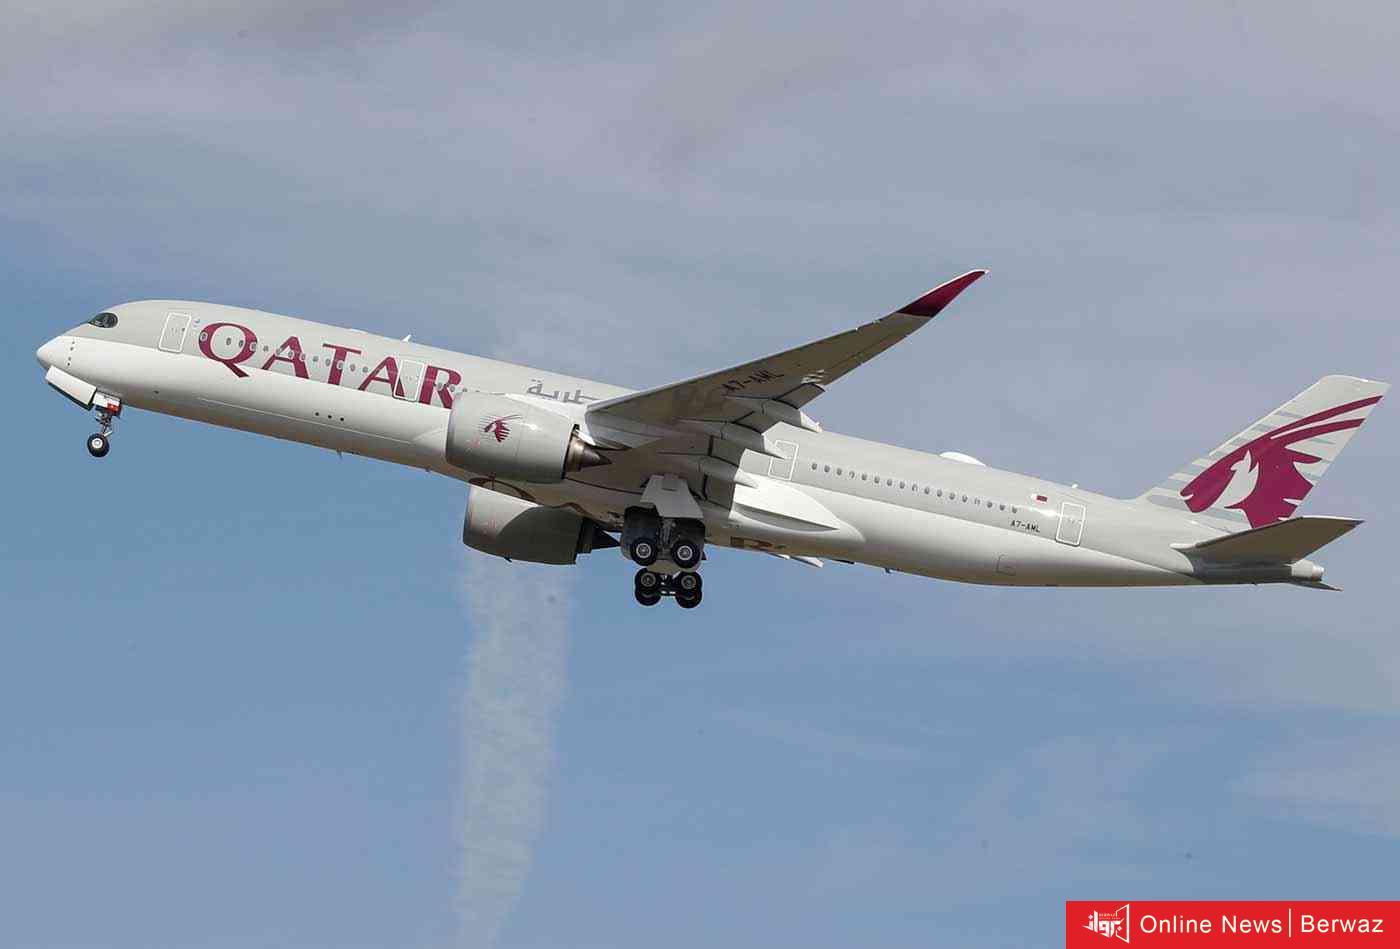 image 3 - بعد توقف استمر أكثر من 3 سنوات مصر تعلن رفع الحظر عن رحلات الطيران مع قطر